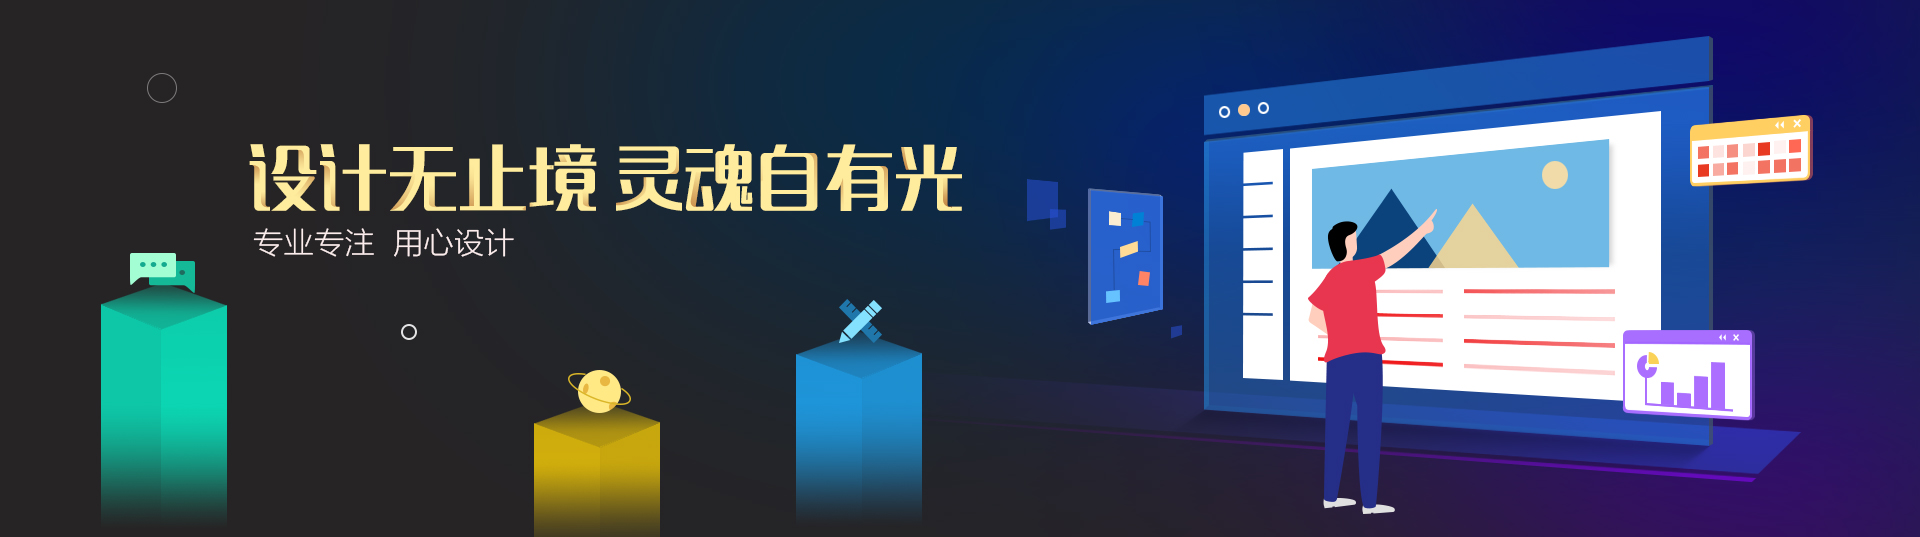 优享设计大幻灯02